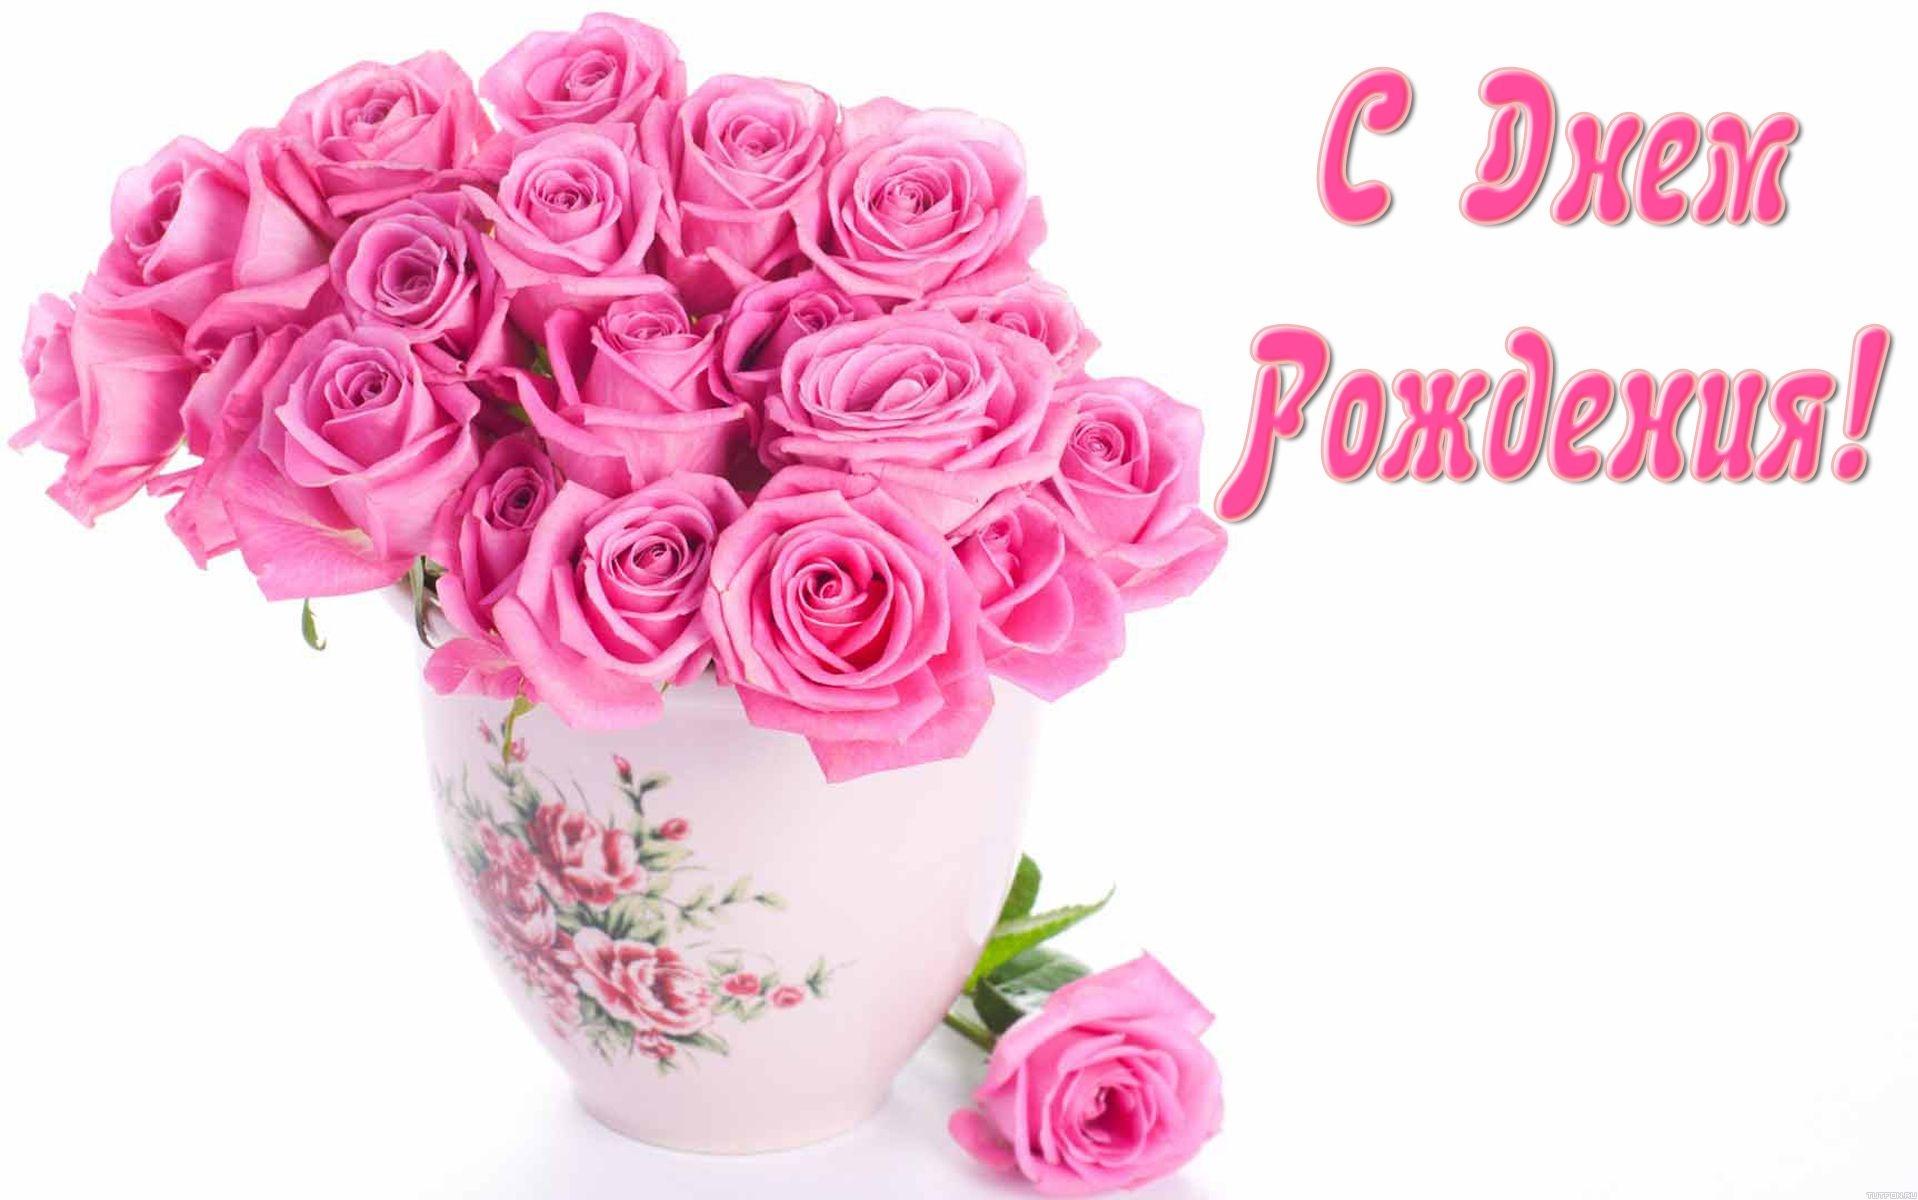 поздравления с днем рождения женщине юбилей 55 лет прикольные